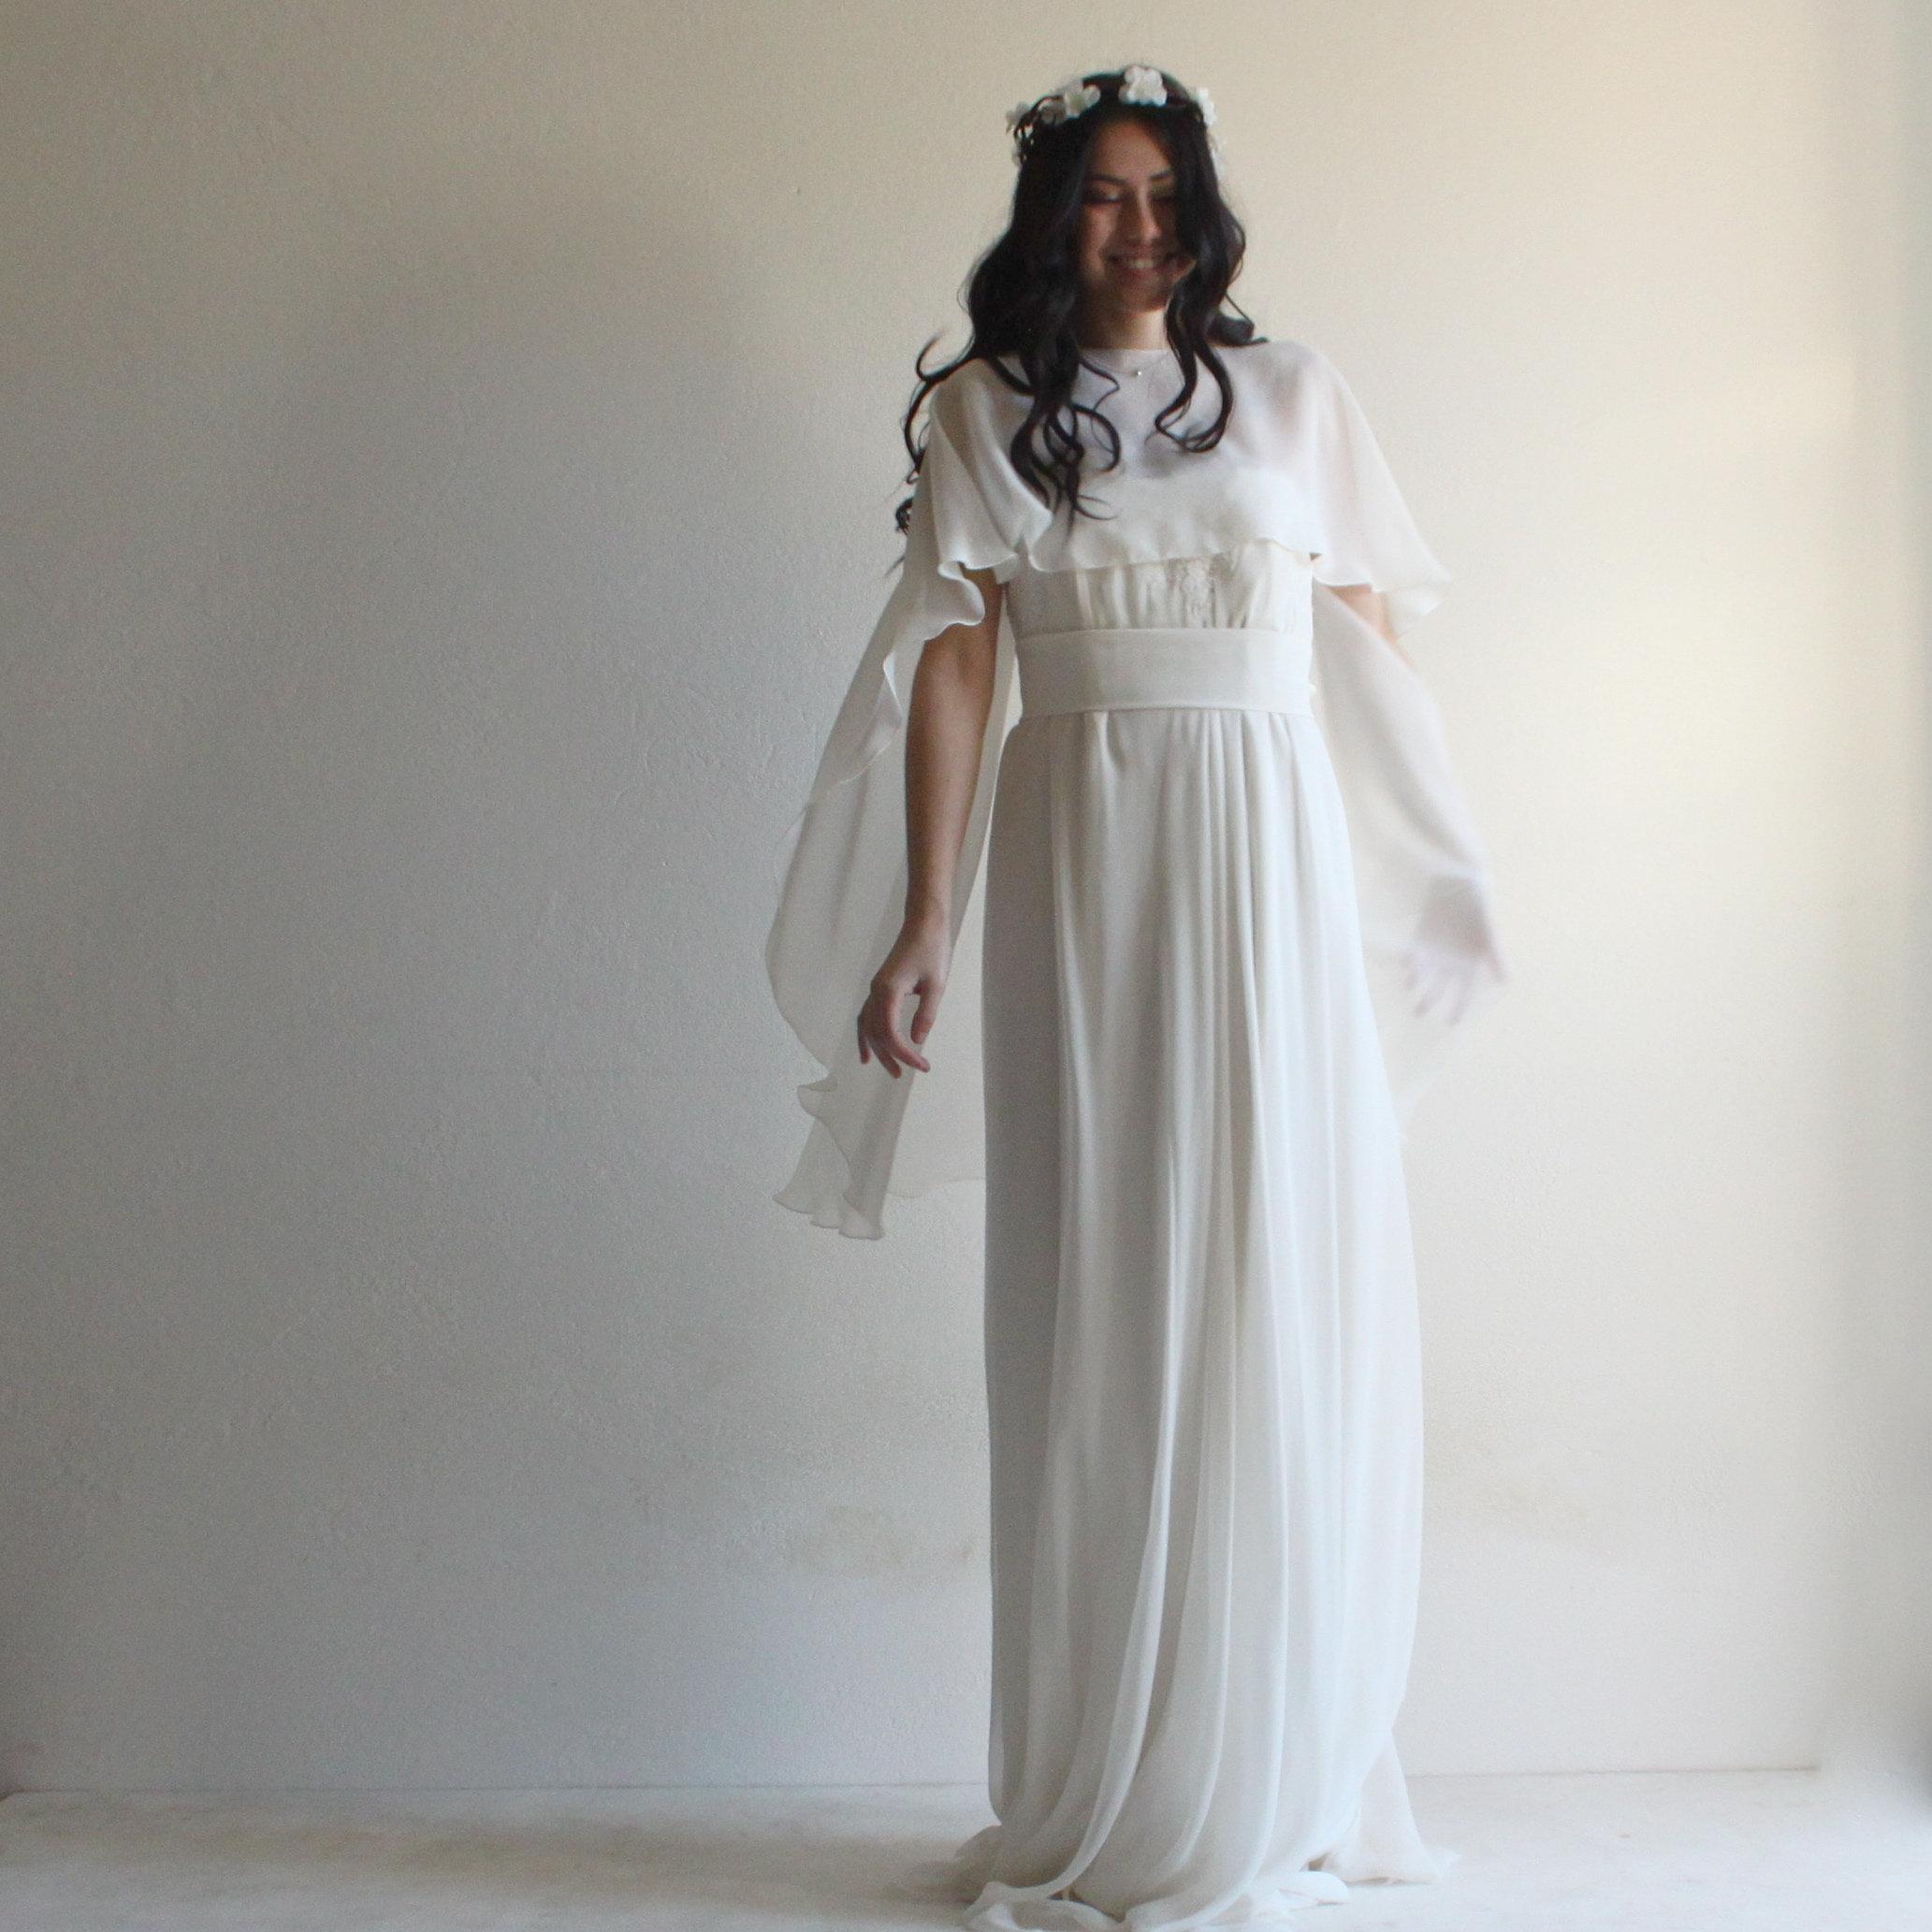 new concept 7e5c5 afcdf Mantellina da sposa, scialle sposa, mantellina in seta, coprispalle sposa,  mantella bianca, scialle di seta, scialle bianco